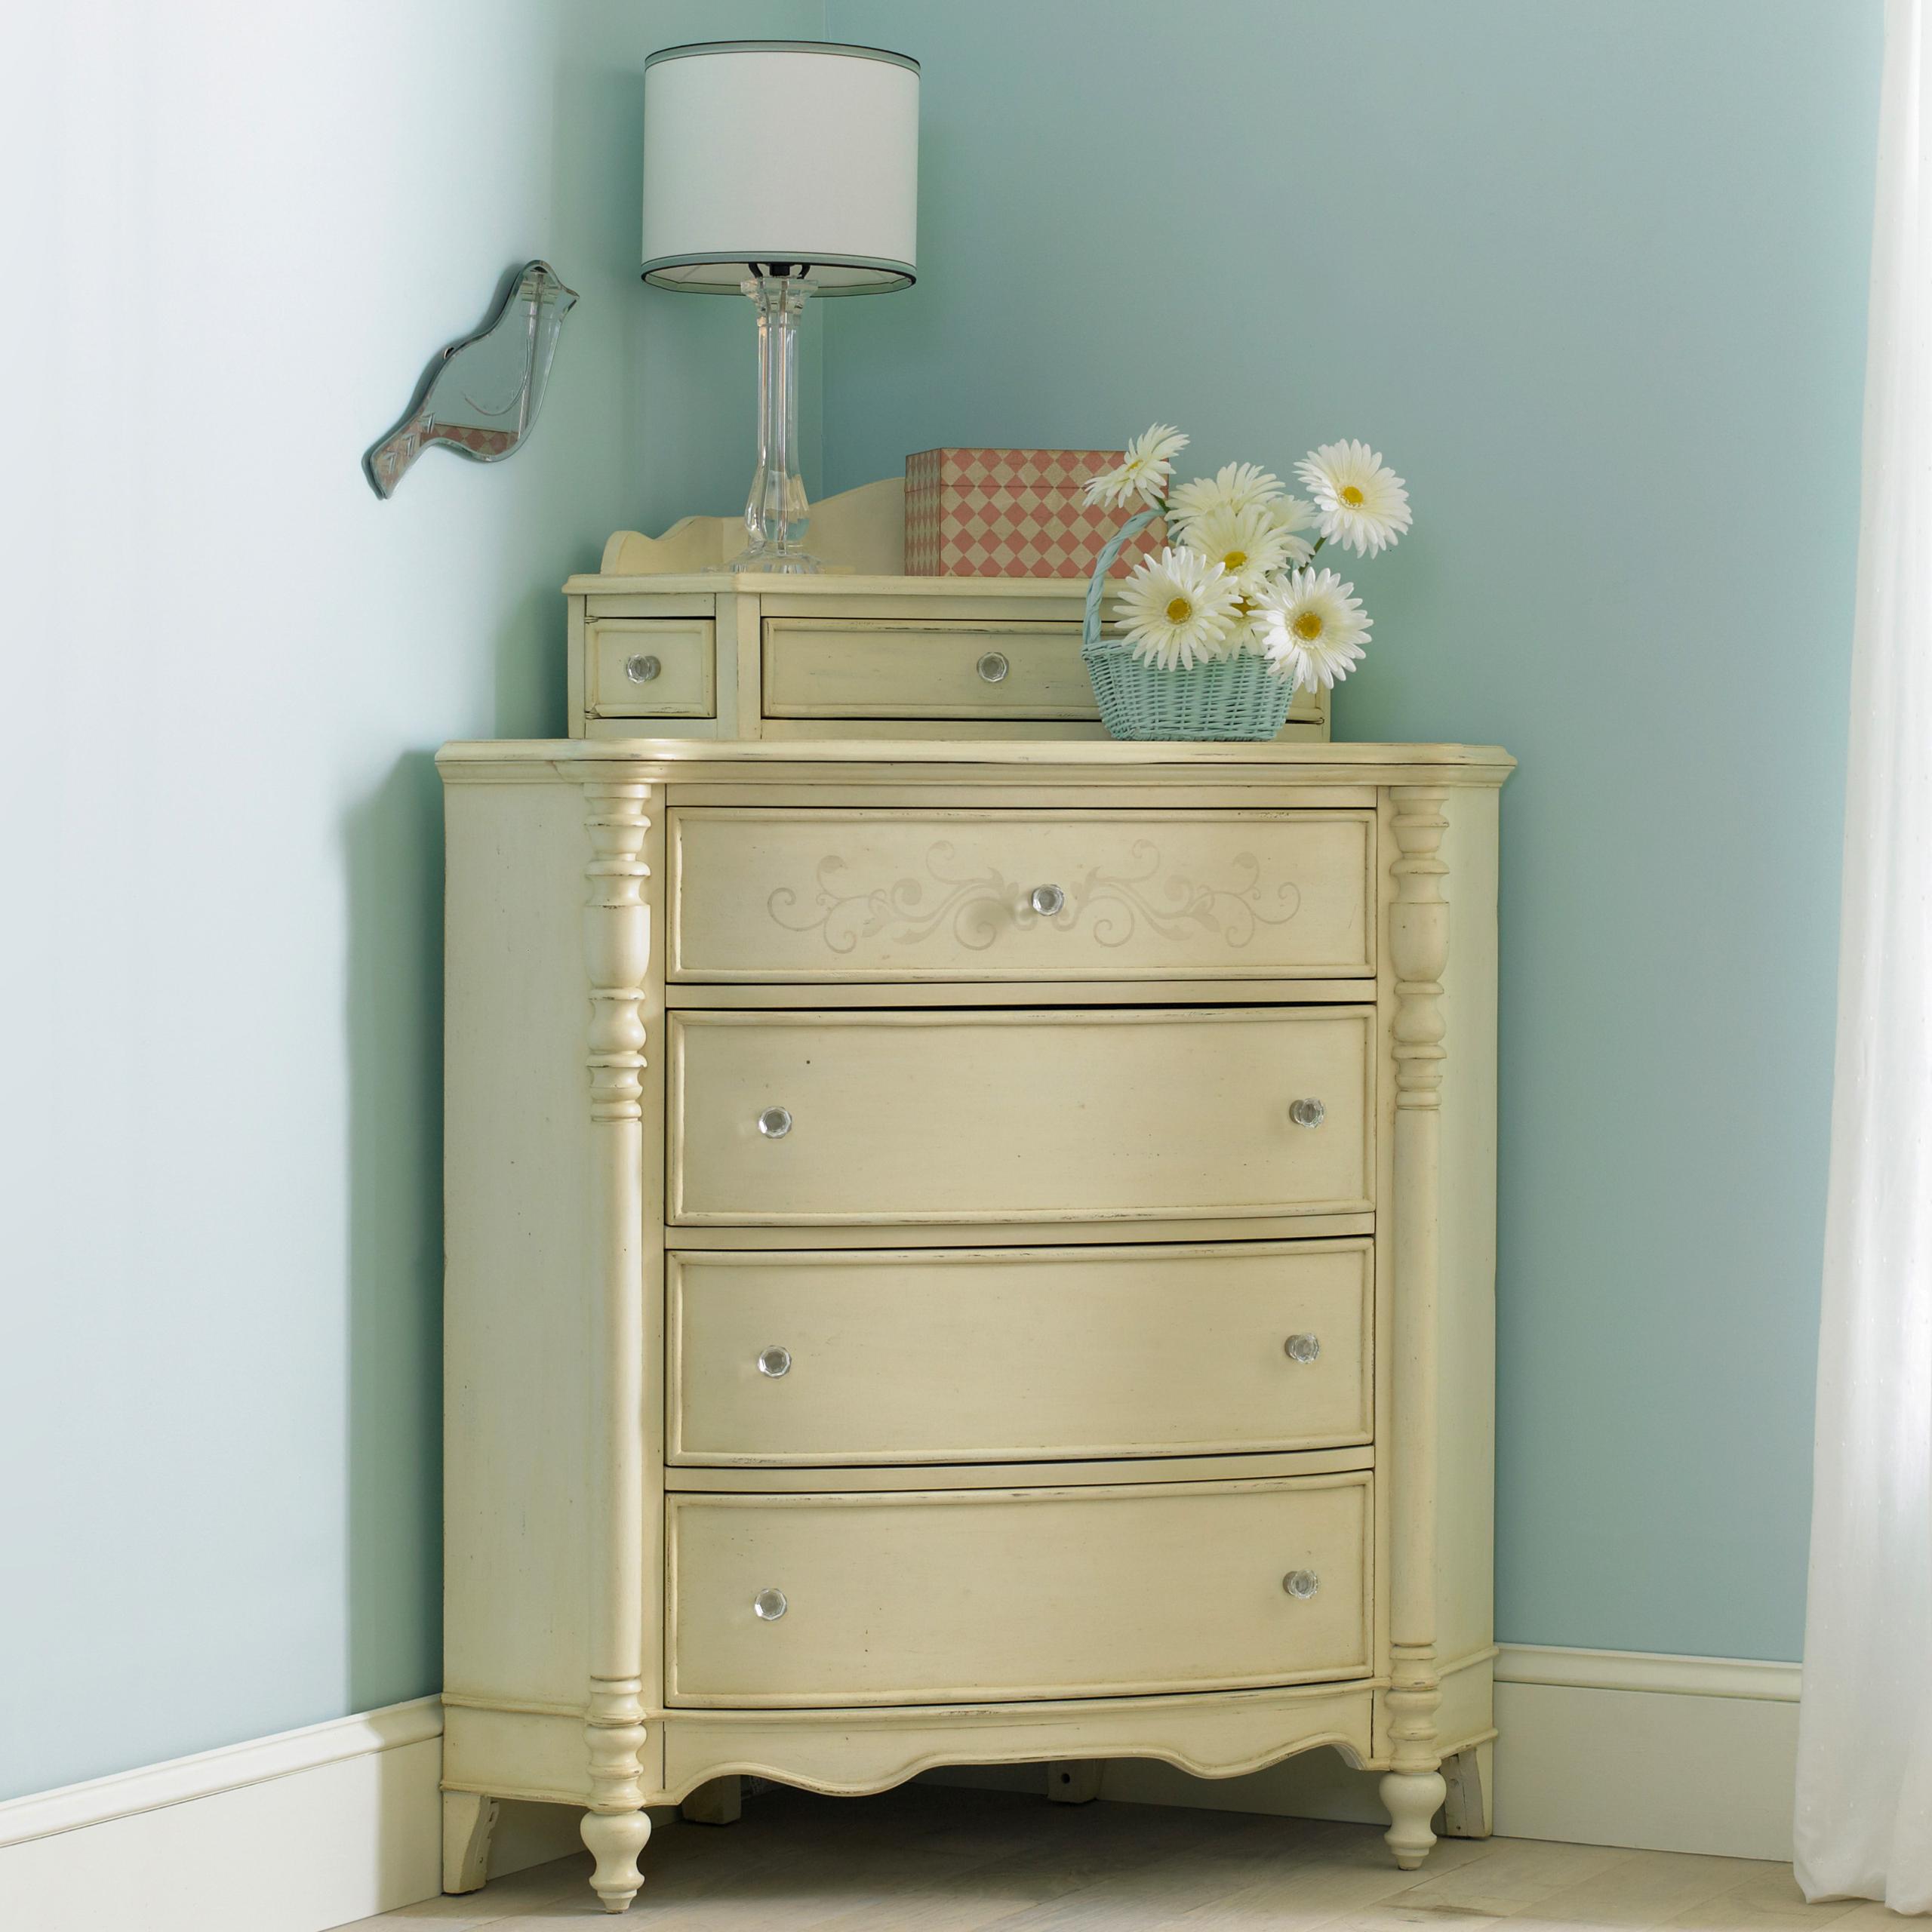 corner dresser chest foter rh foter com Corner Desk with Dresser Corner Dresser IKEA